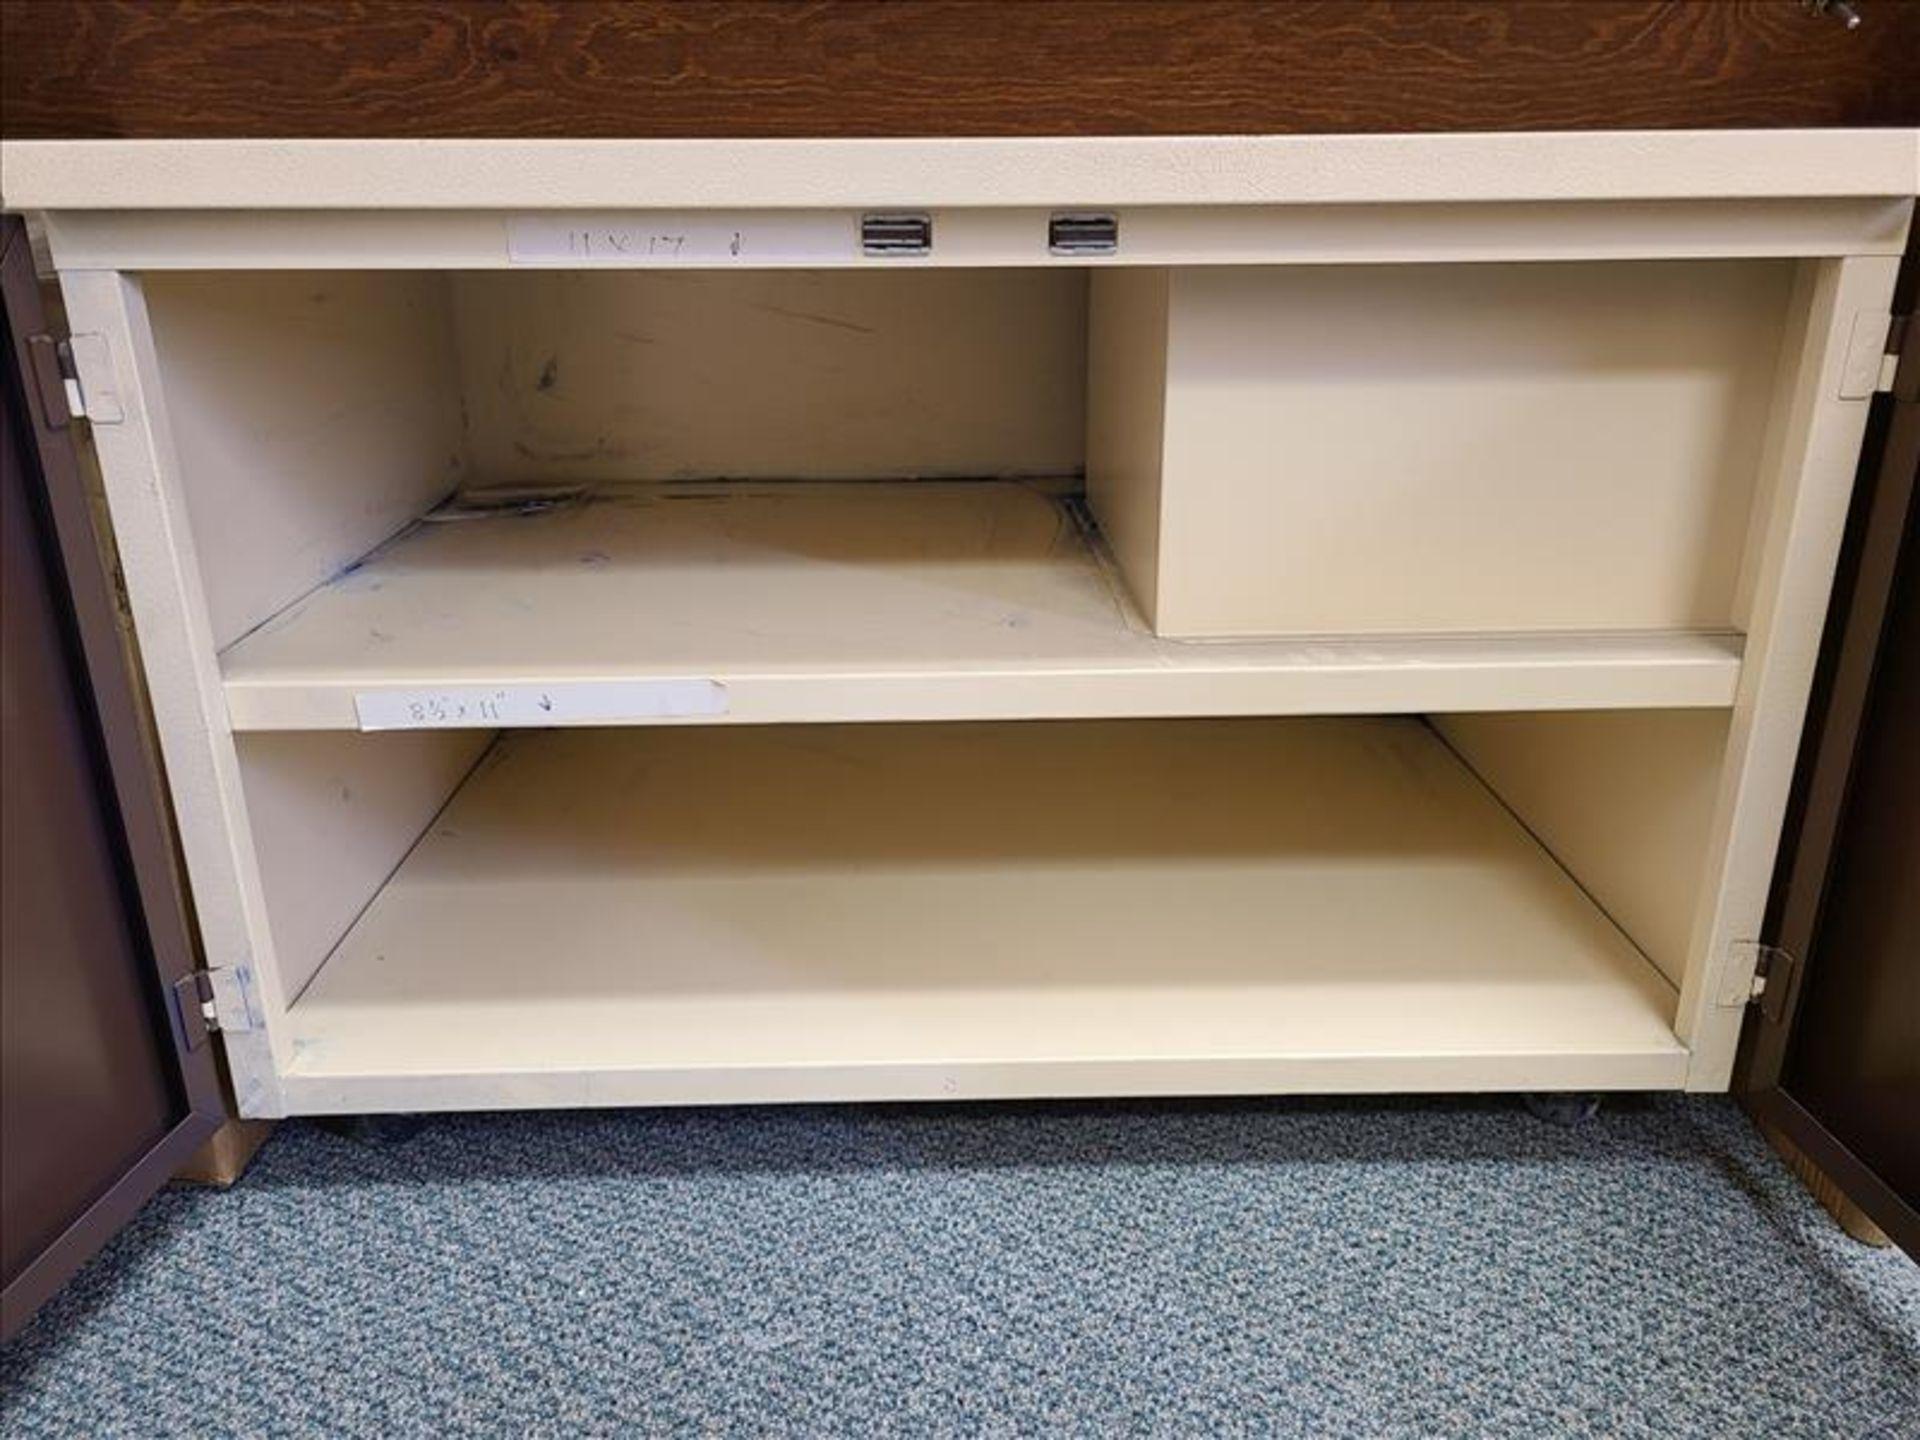 2 Door Metal Cabinet - Image 2 of 2